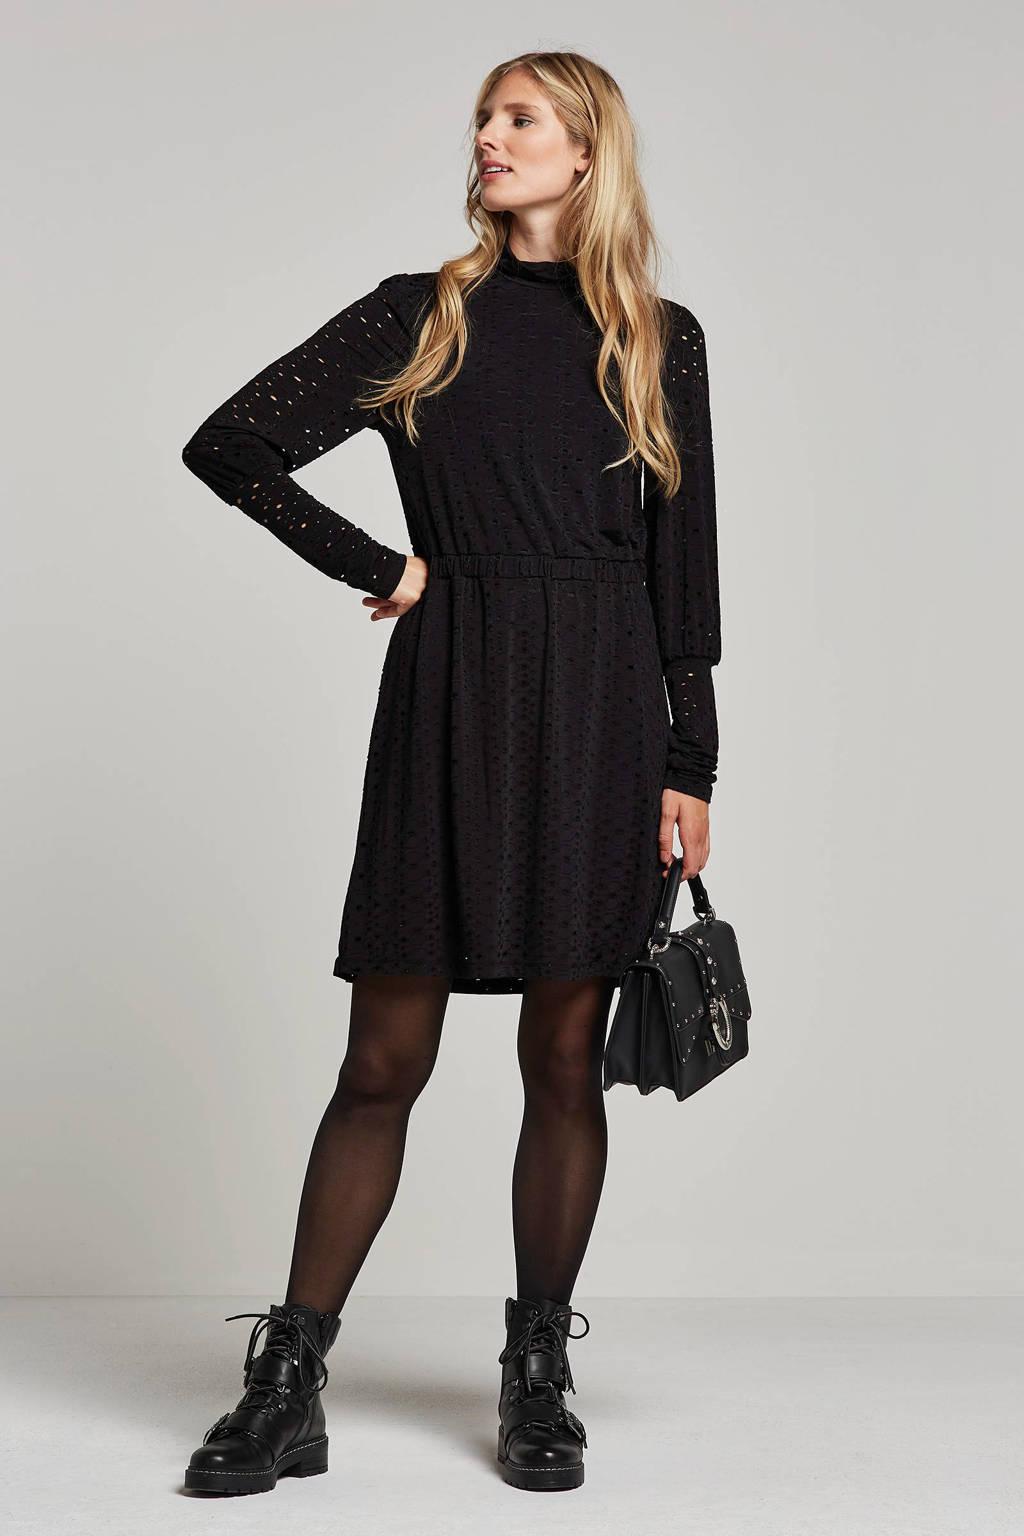 OBJECT jurk met opengewerkte details, Zwart